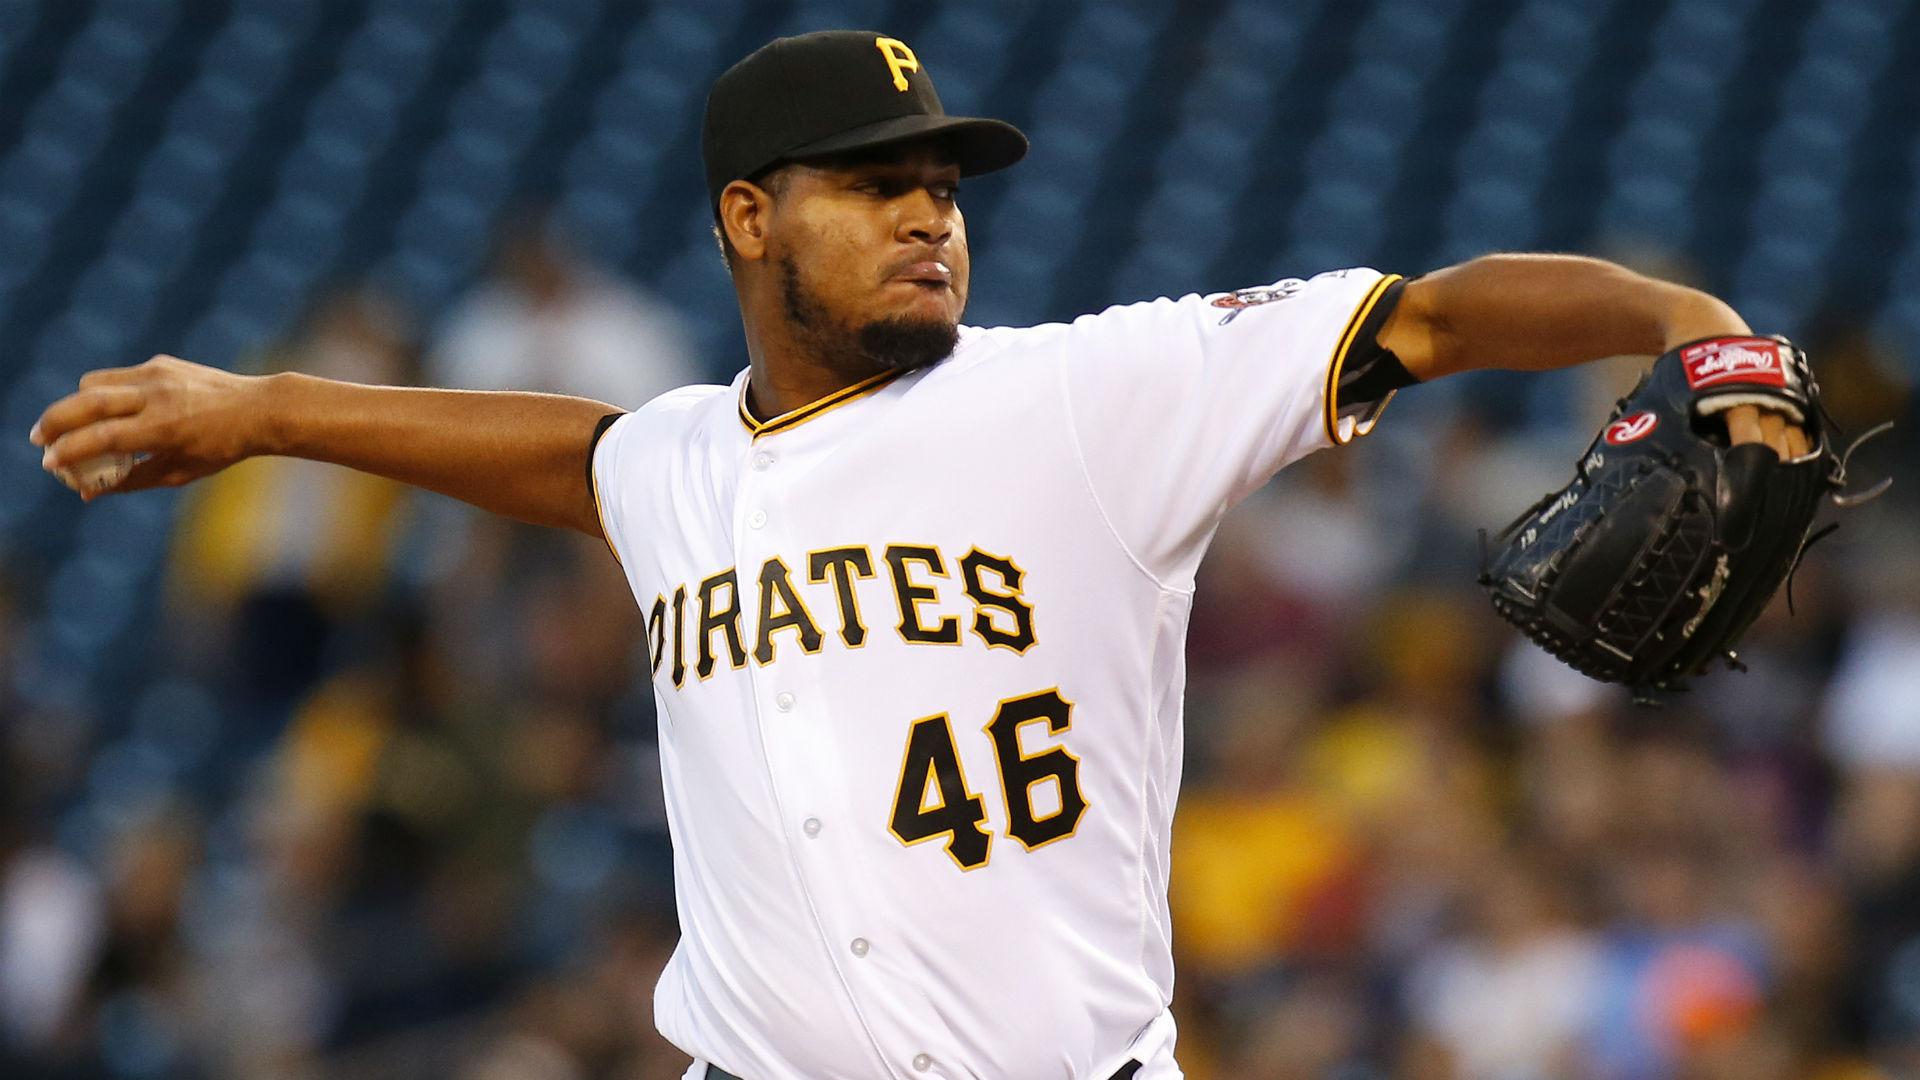 White Sox acquire Nova from Pirates